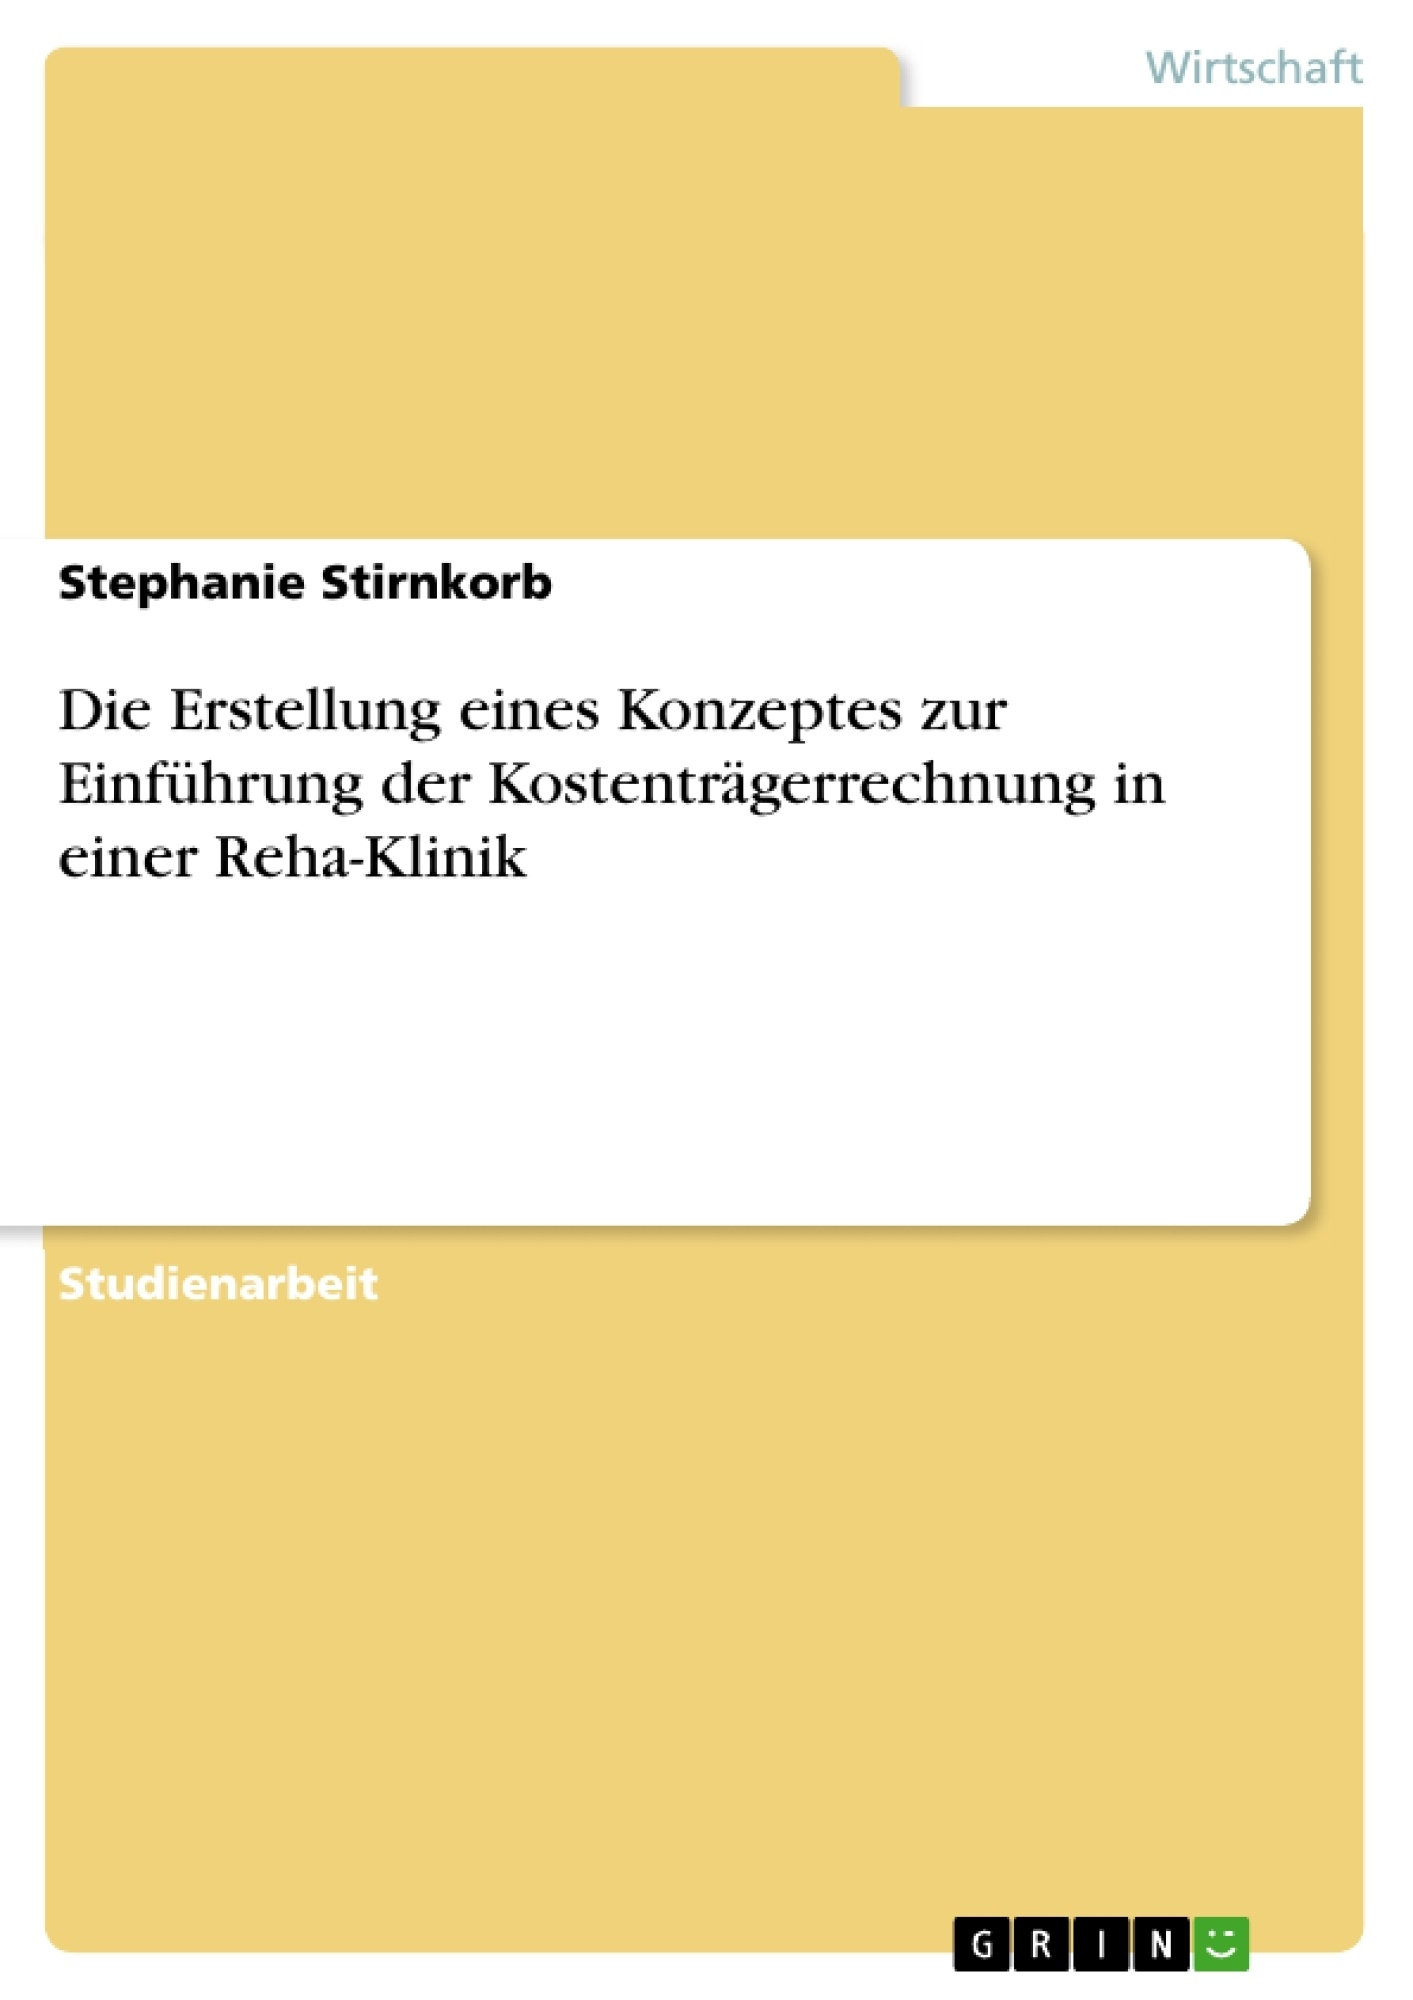 Titel: Die Erstellung eines Konzeptes zur Einführung der Kostenträgerrechnung in einer Reha-Klinik